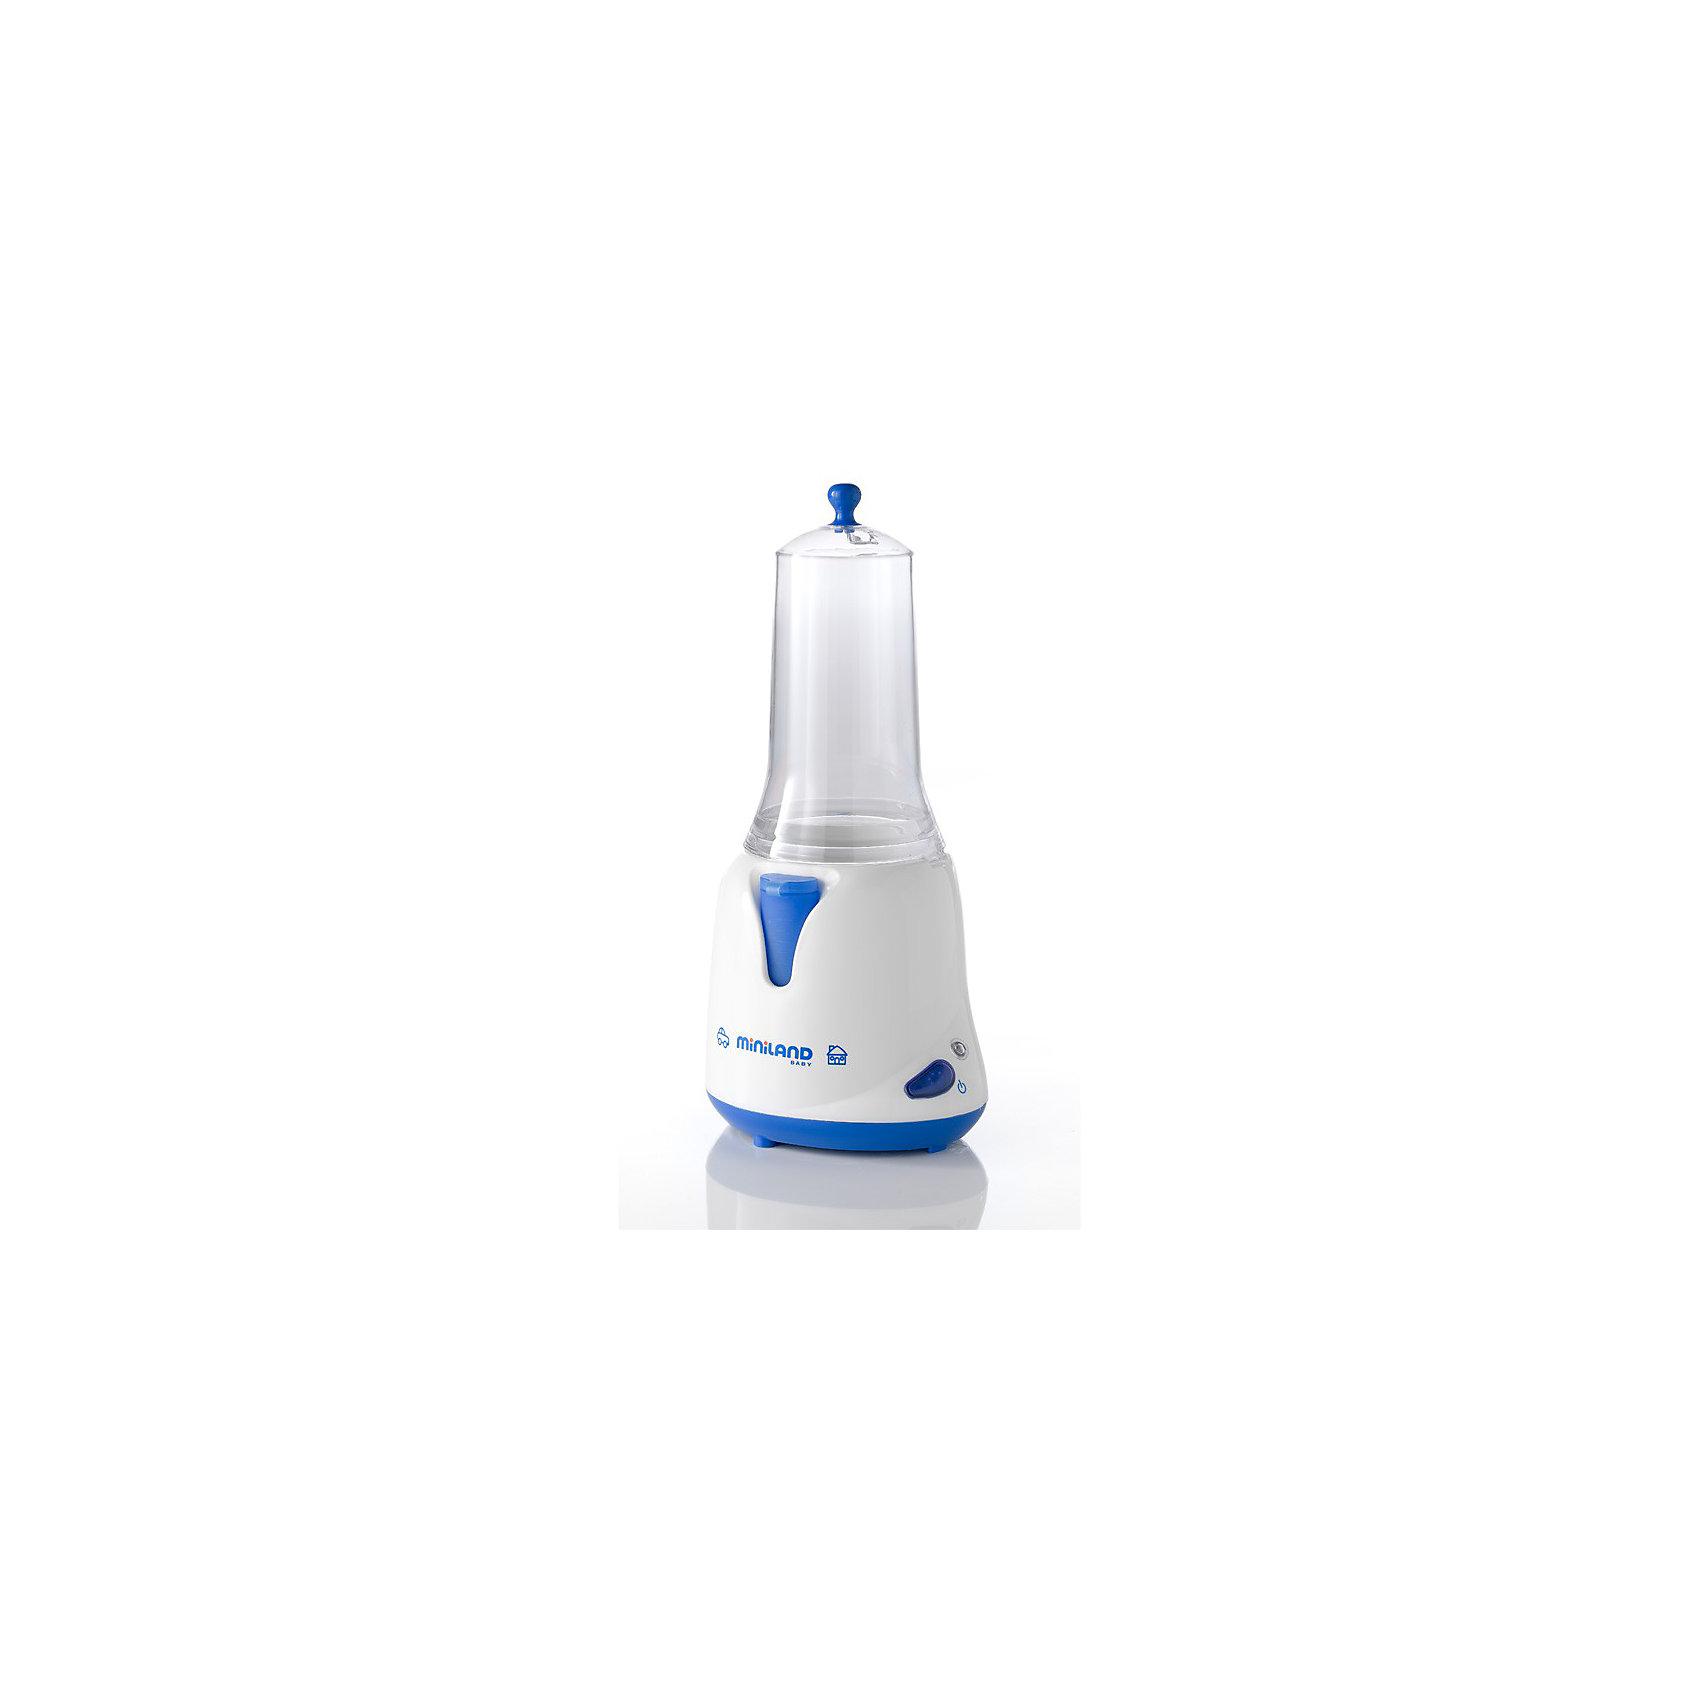 Нагреватель/стерилизатор Warmy plus, MinilandОсновные характеристики:<br><br>- 2-в-1 подогреватель, стерилизатор<br>- Можно использовать, как дома, так и в автомобиле<br>- Удобные держатели для подогрева различных емкостей<br>- Легок и прост в использовании и уходе<br>- Незаменим в путешествиях с ребенком<br>- Используются только экологически чистые материалы<br><br>Габариты ( В х Ш х Г ), см: 14x18,5x31,4 см  <br>Вес изделия, кг: 1,065 кг<br><br>Ширина мм: 314<br>Глубина мм: 185<br>Высота мм: 140<br>Вес г: 1065<br>Возраст от месяцев: 0<br>Возраст до месяцев: 36<br>Пол: Унисекс<br>Возраст: Детский<br>SKU: 2153904